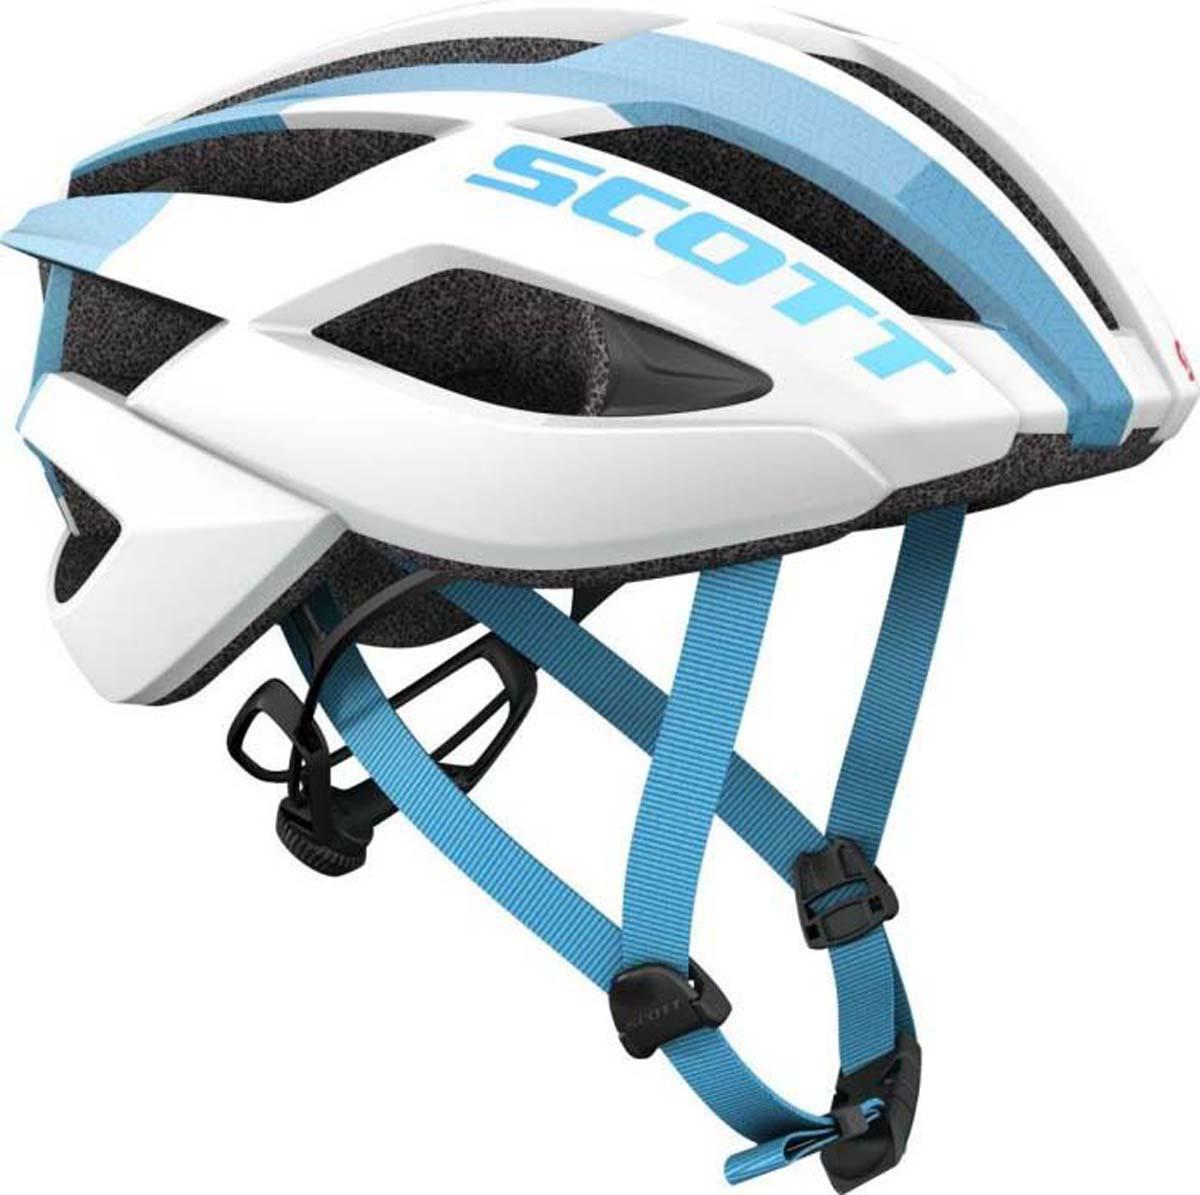 Шлем защитный Scott Arx, цвет: белый, синий. Размер M (55-59)241247-1029Scott Arx предлагает больше, чем можно купить за такие деньги: стремительные формы, замечательную вентиляцию, качественную и довольно комфортную подвеску, а также передовую систему подгонки MRAS2, которую можно встретить на топовых моделях.Особенности Scott Arx: - оптимизированная система вентиляции; - регулируемая система подвески; - технология In-Mold; - технология PC Micro Shell; - система подгонки MRAS2; - вес 240 г (Размер М).